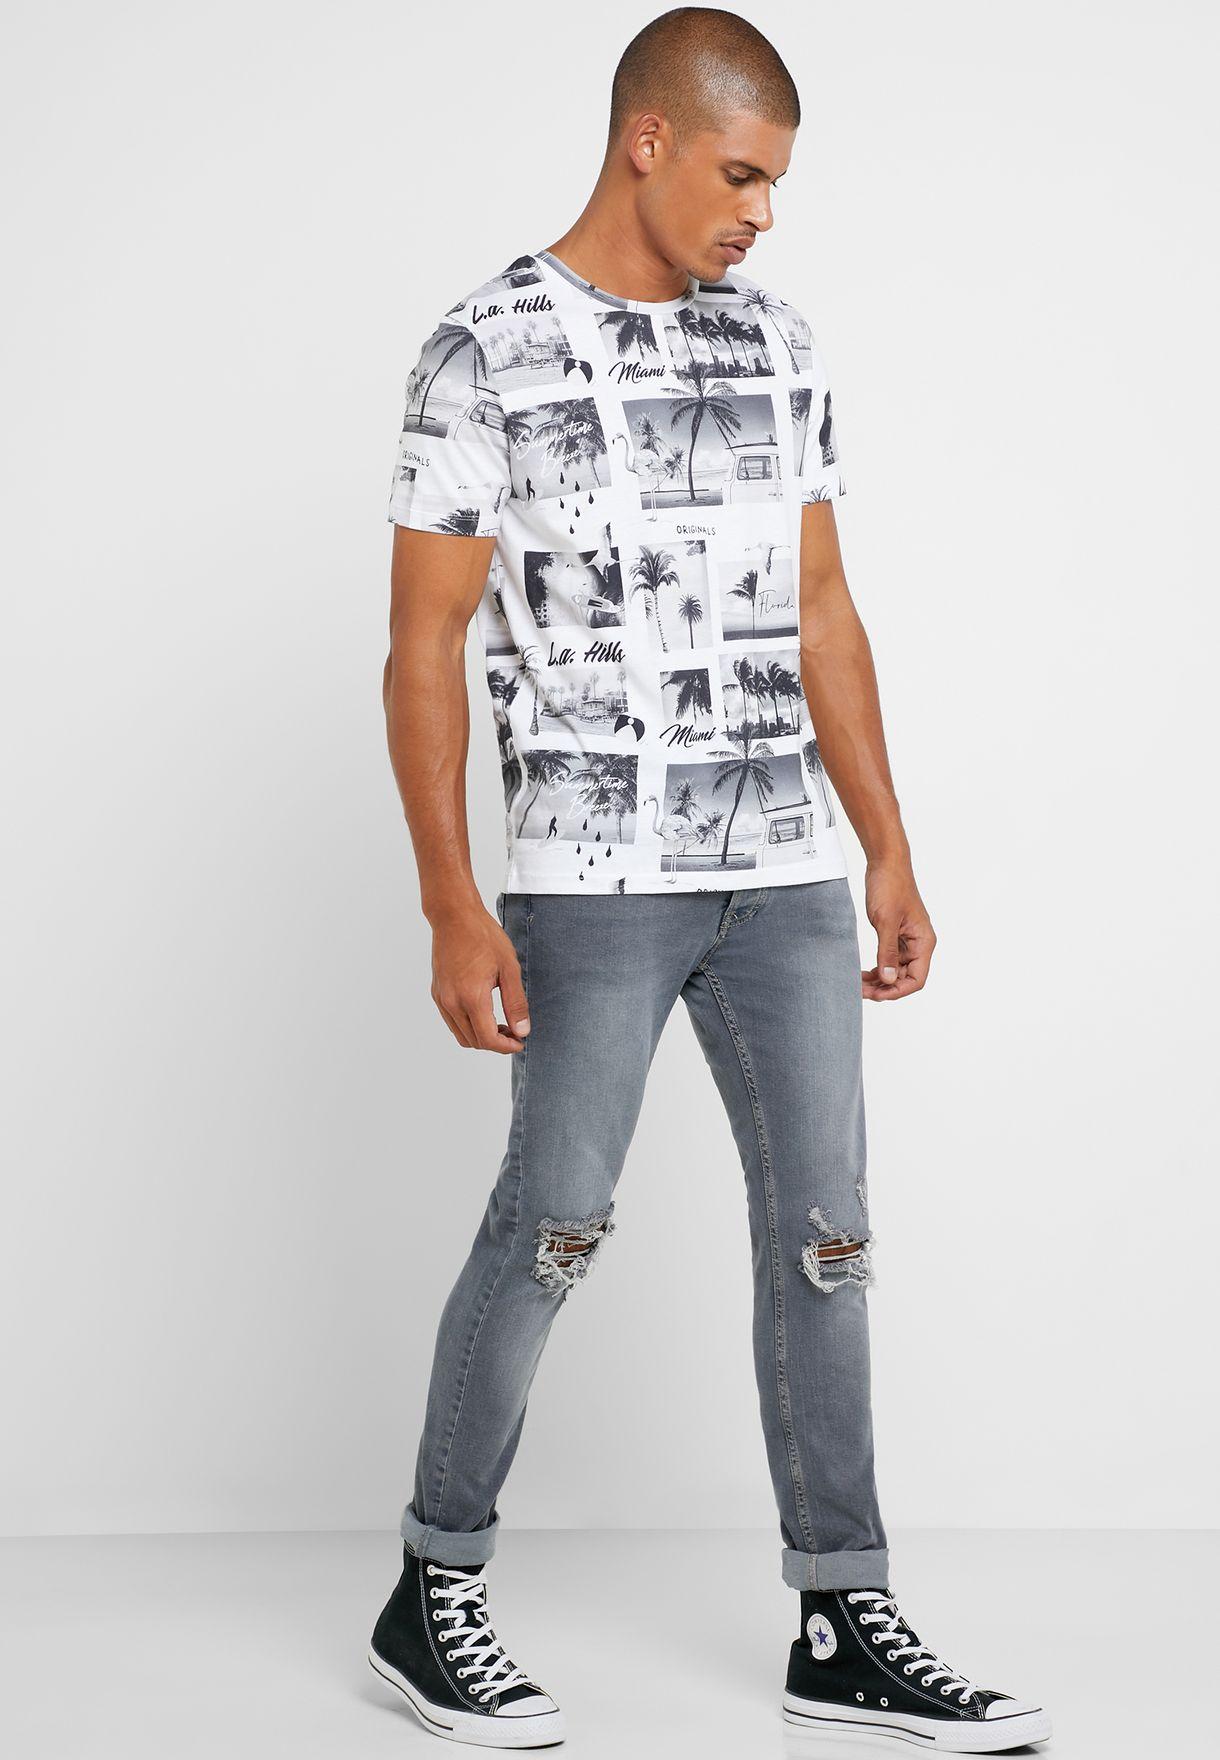 Photobomb Crew Neck T-Shirt